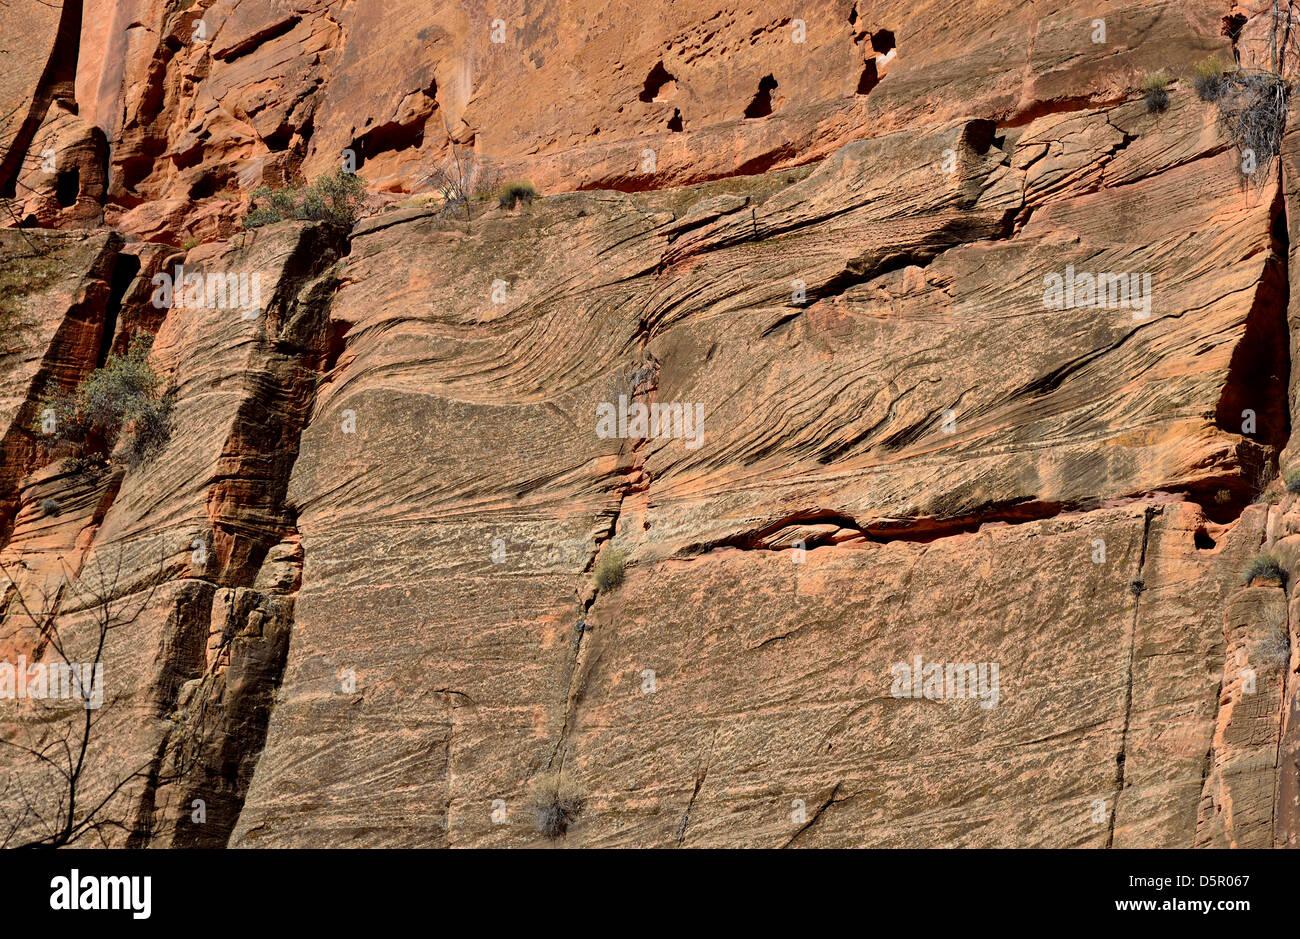 Les lits de grès éoliens sur le rocher. Zion National Park, Utah, USA. Banque D'Images